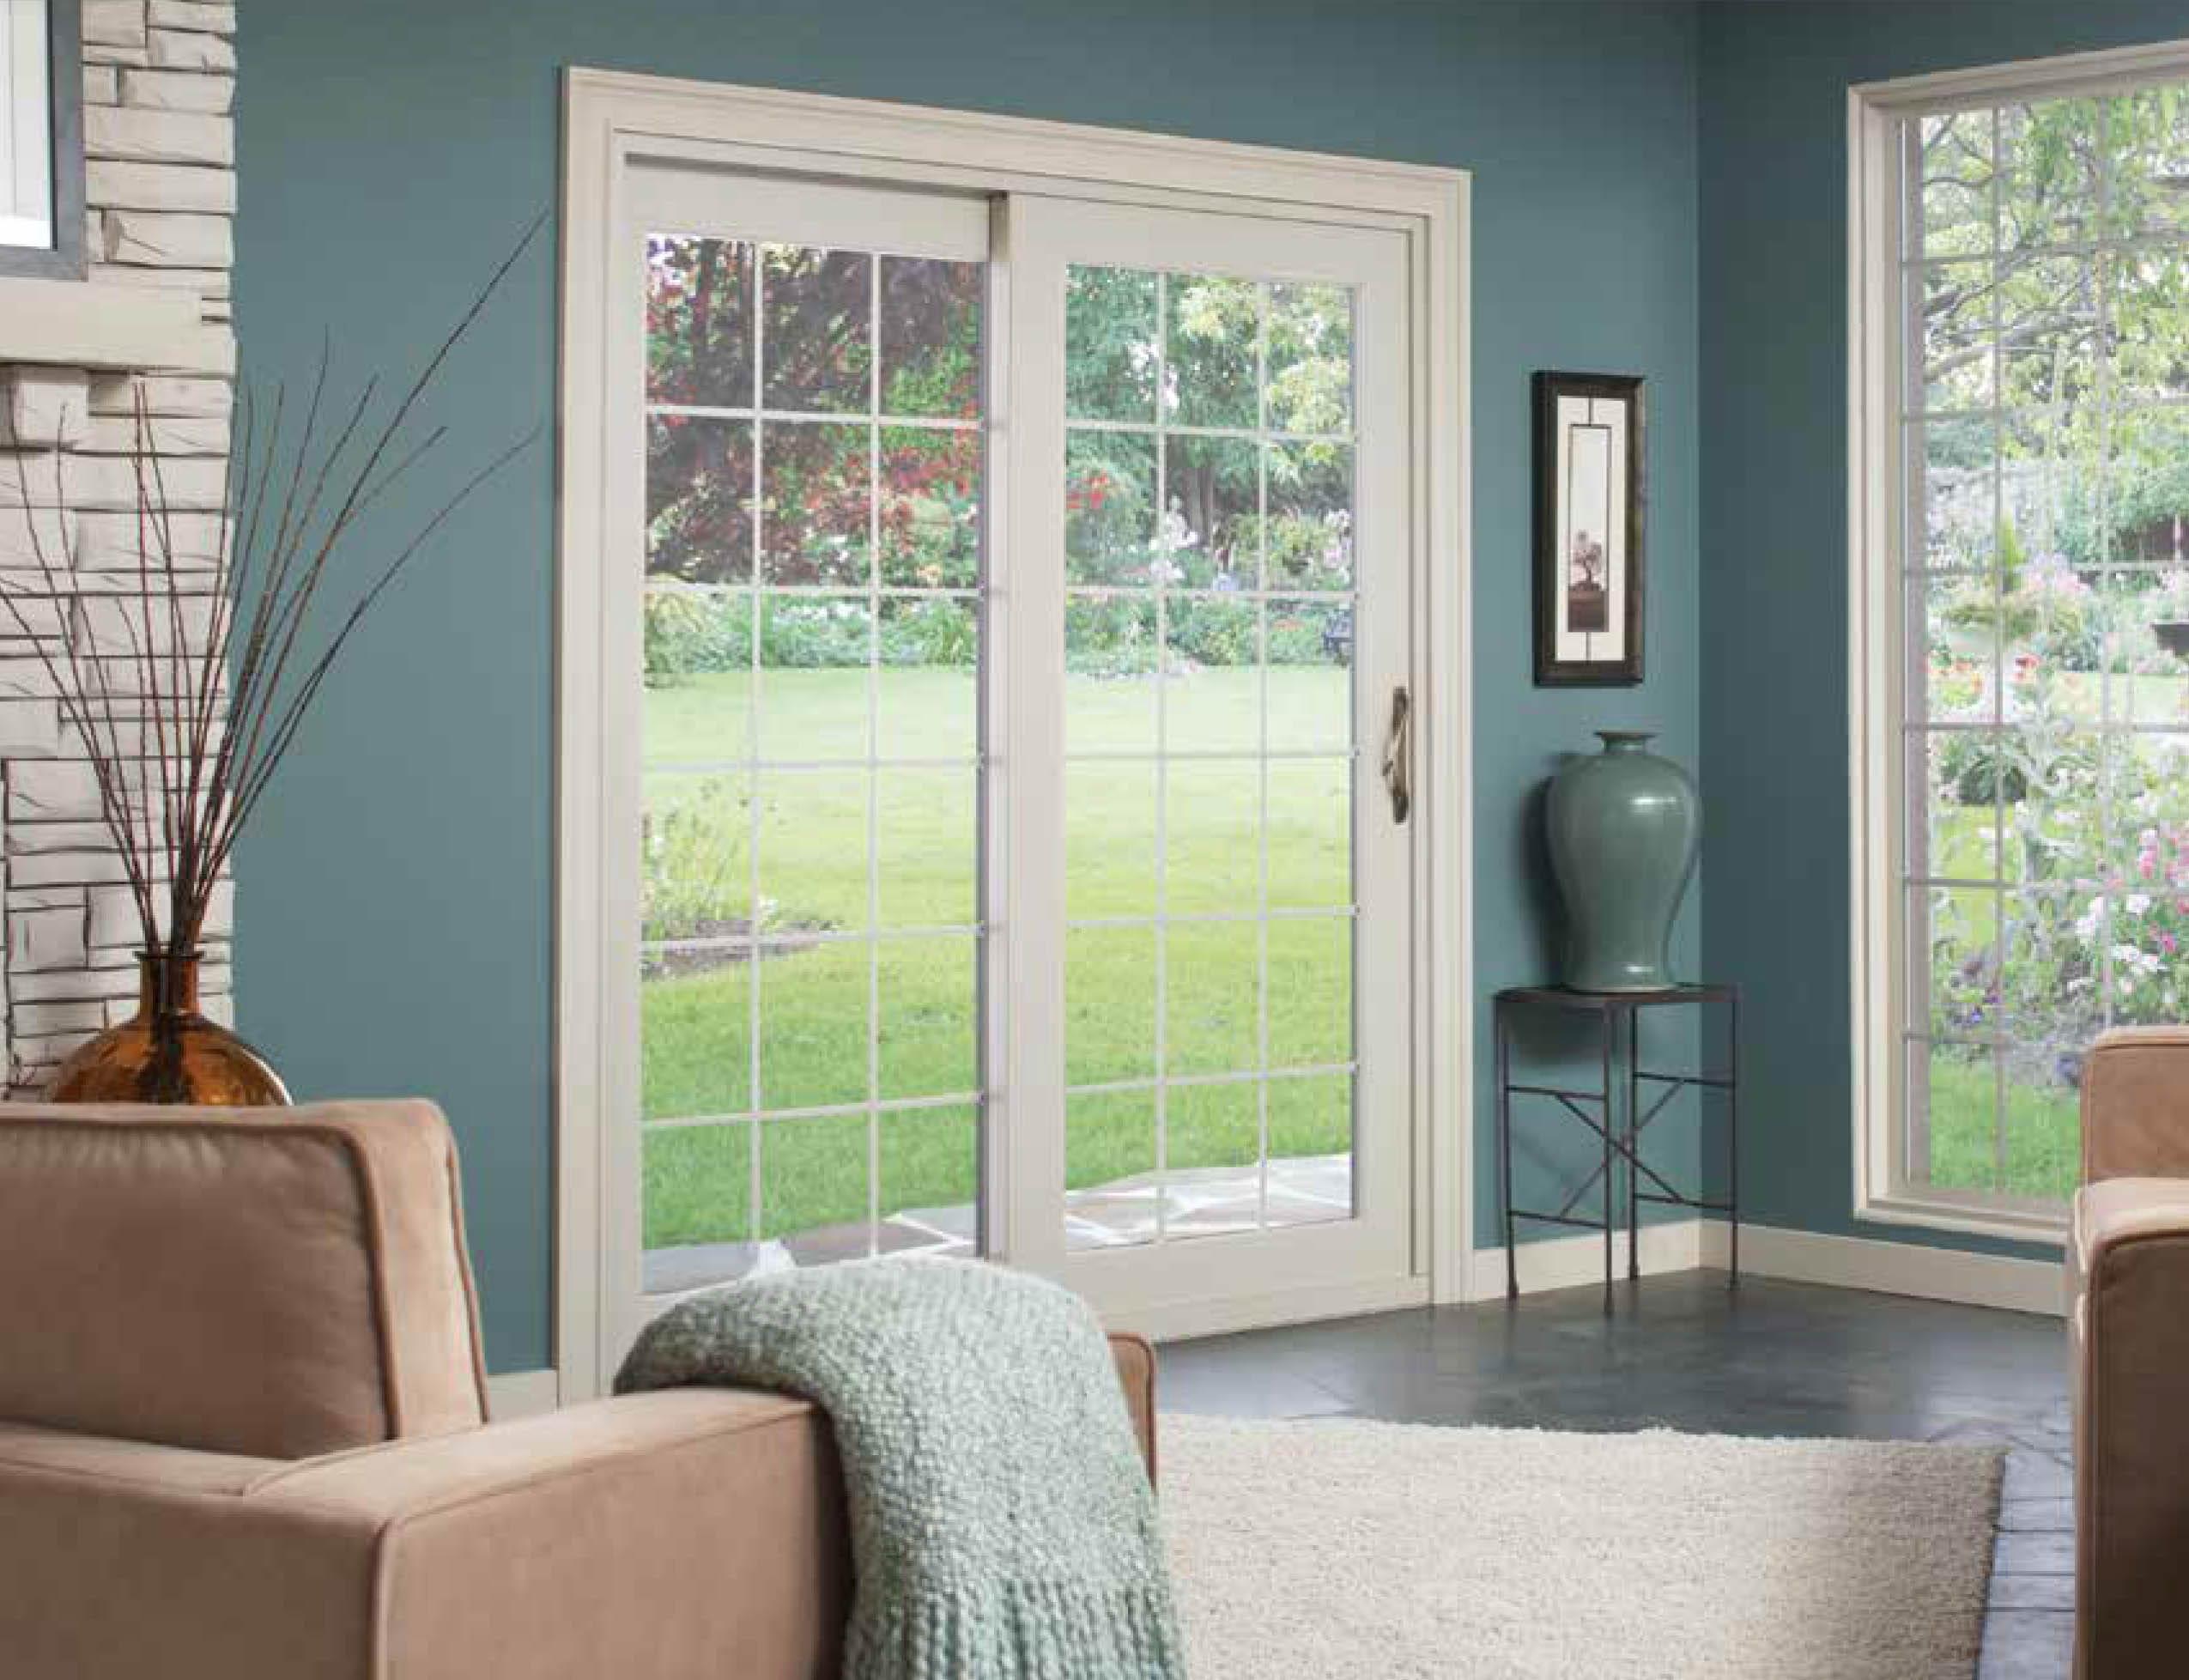 Window World Patio Doors Replacement Installation Repair